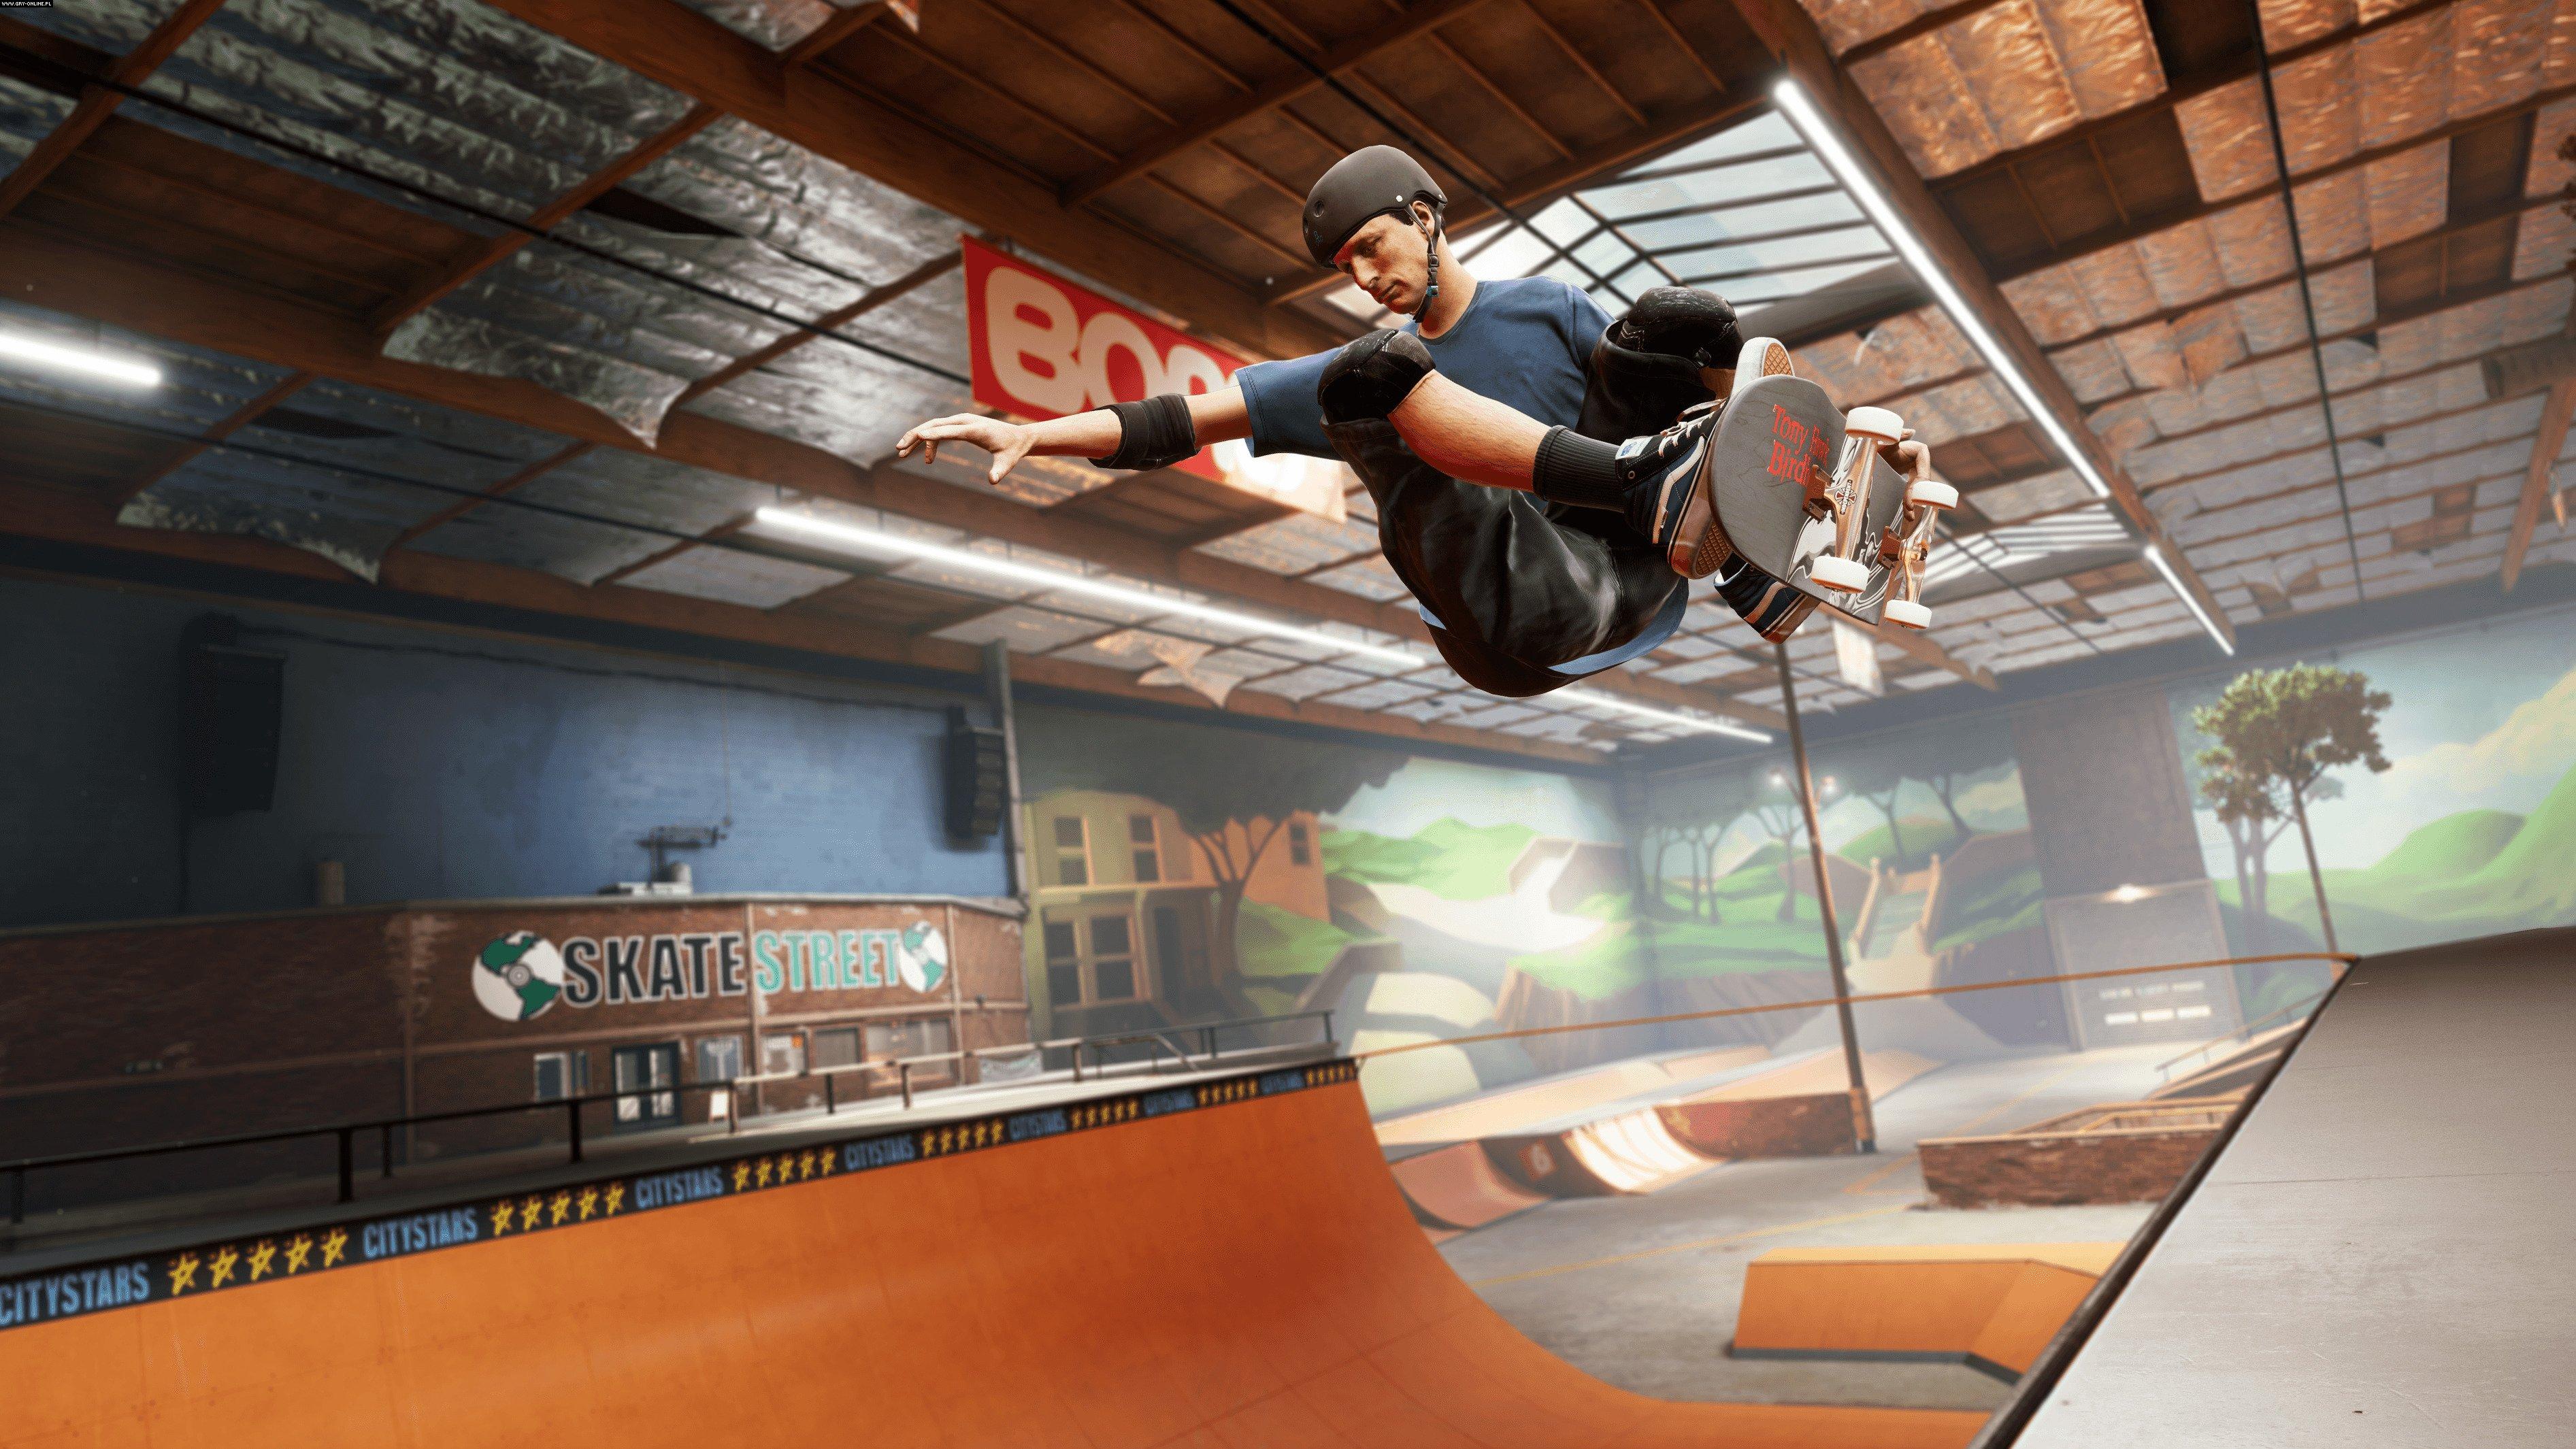 Tony Hawk's Pro Skater 1+2 PS5,